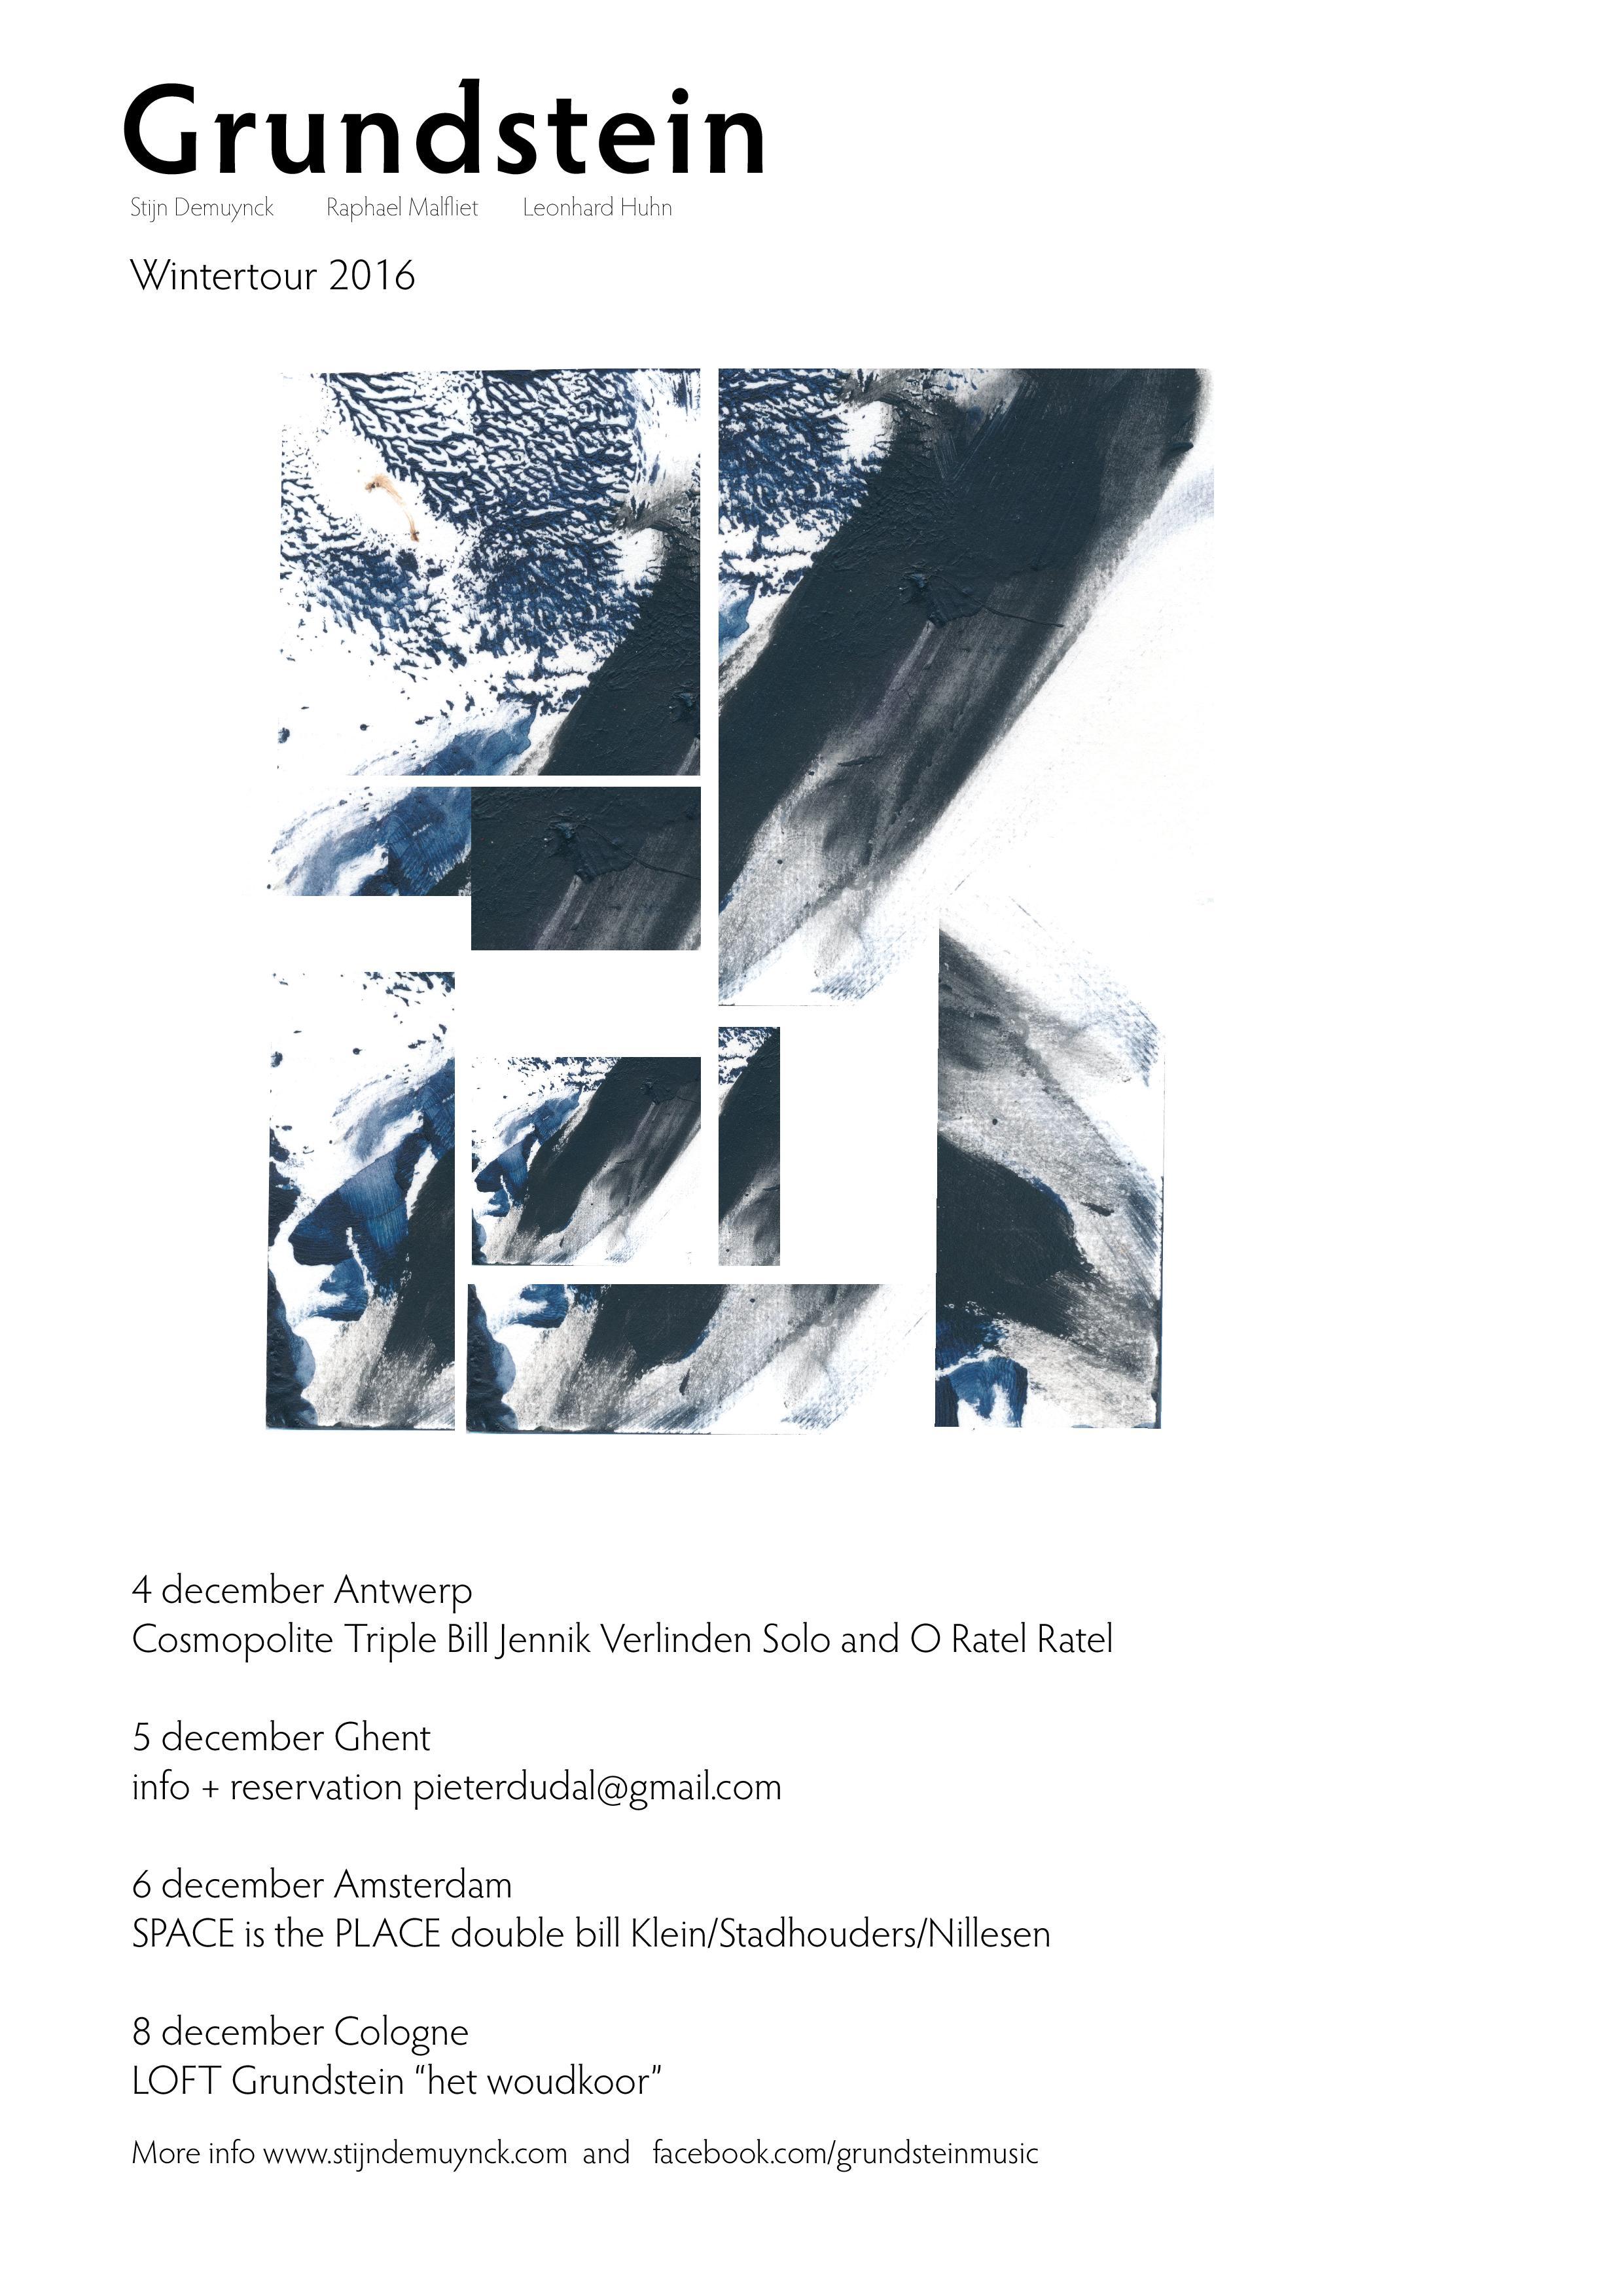 grundstein-wintertour-affiche-page-001